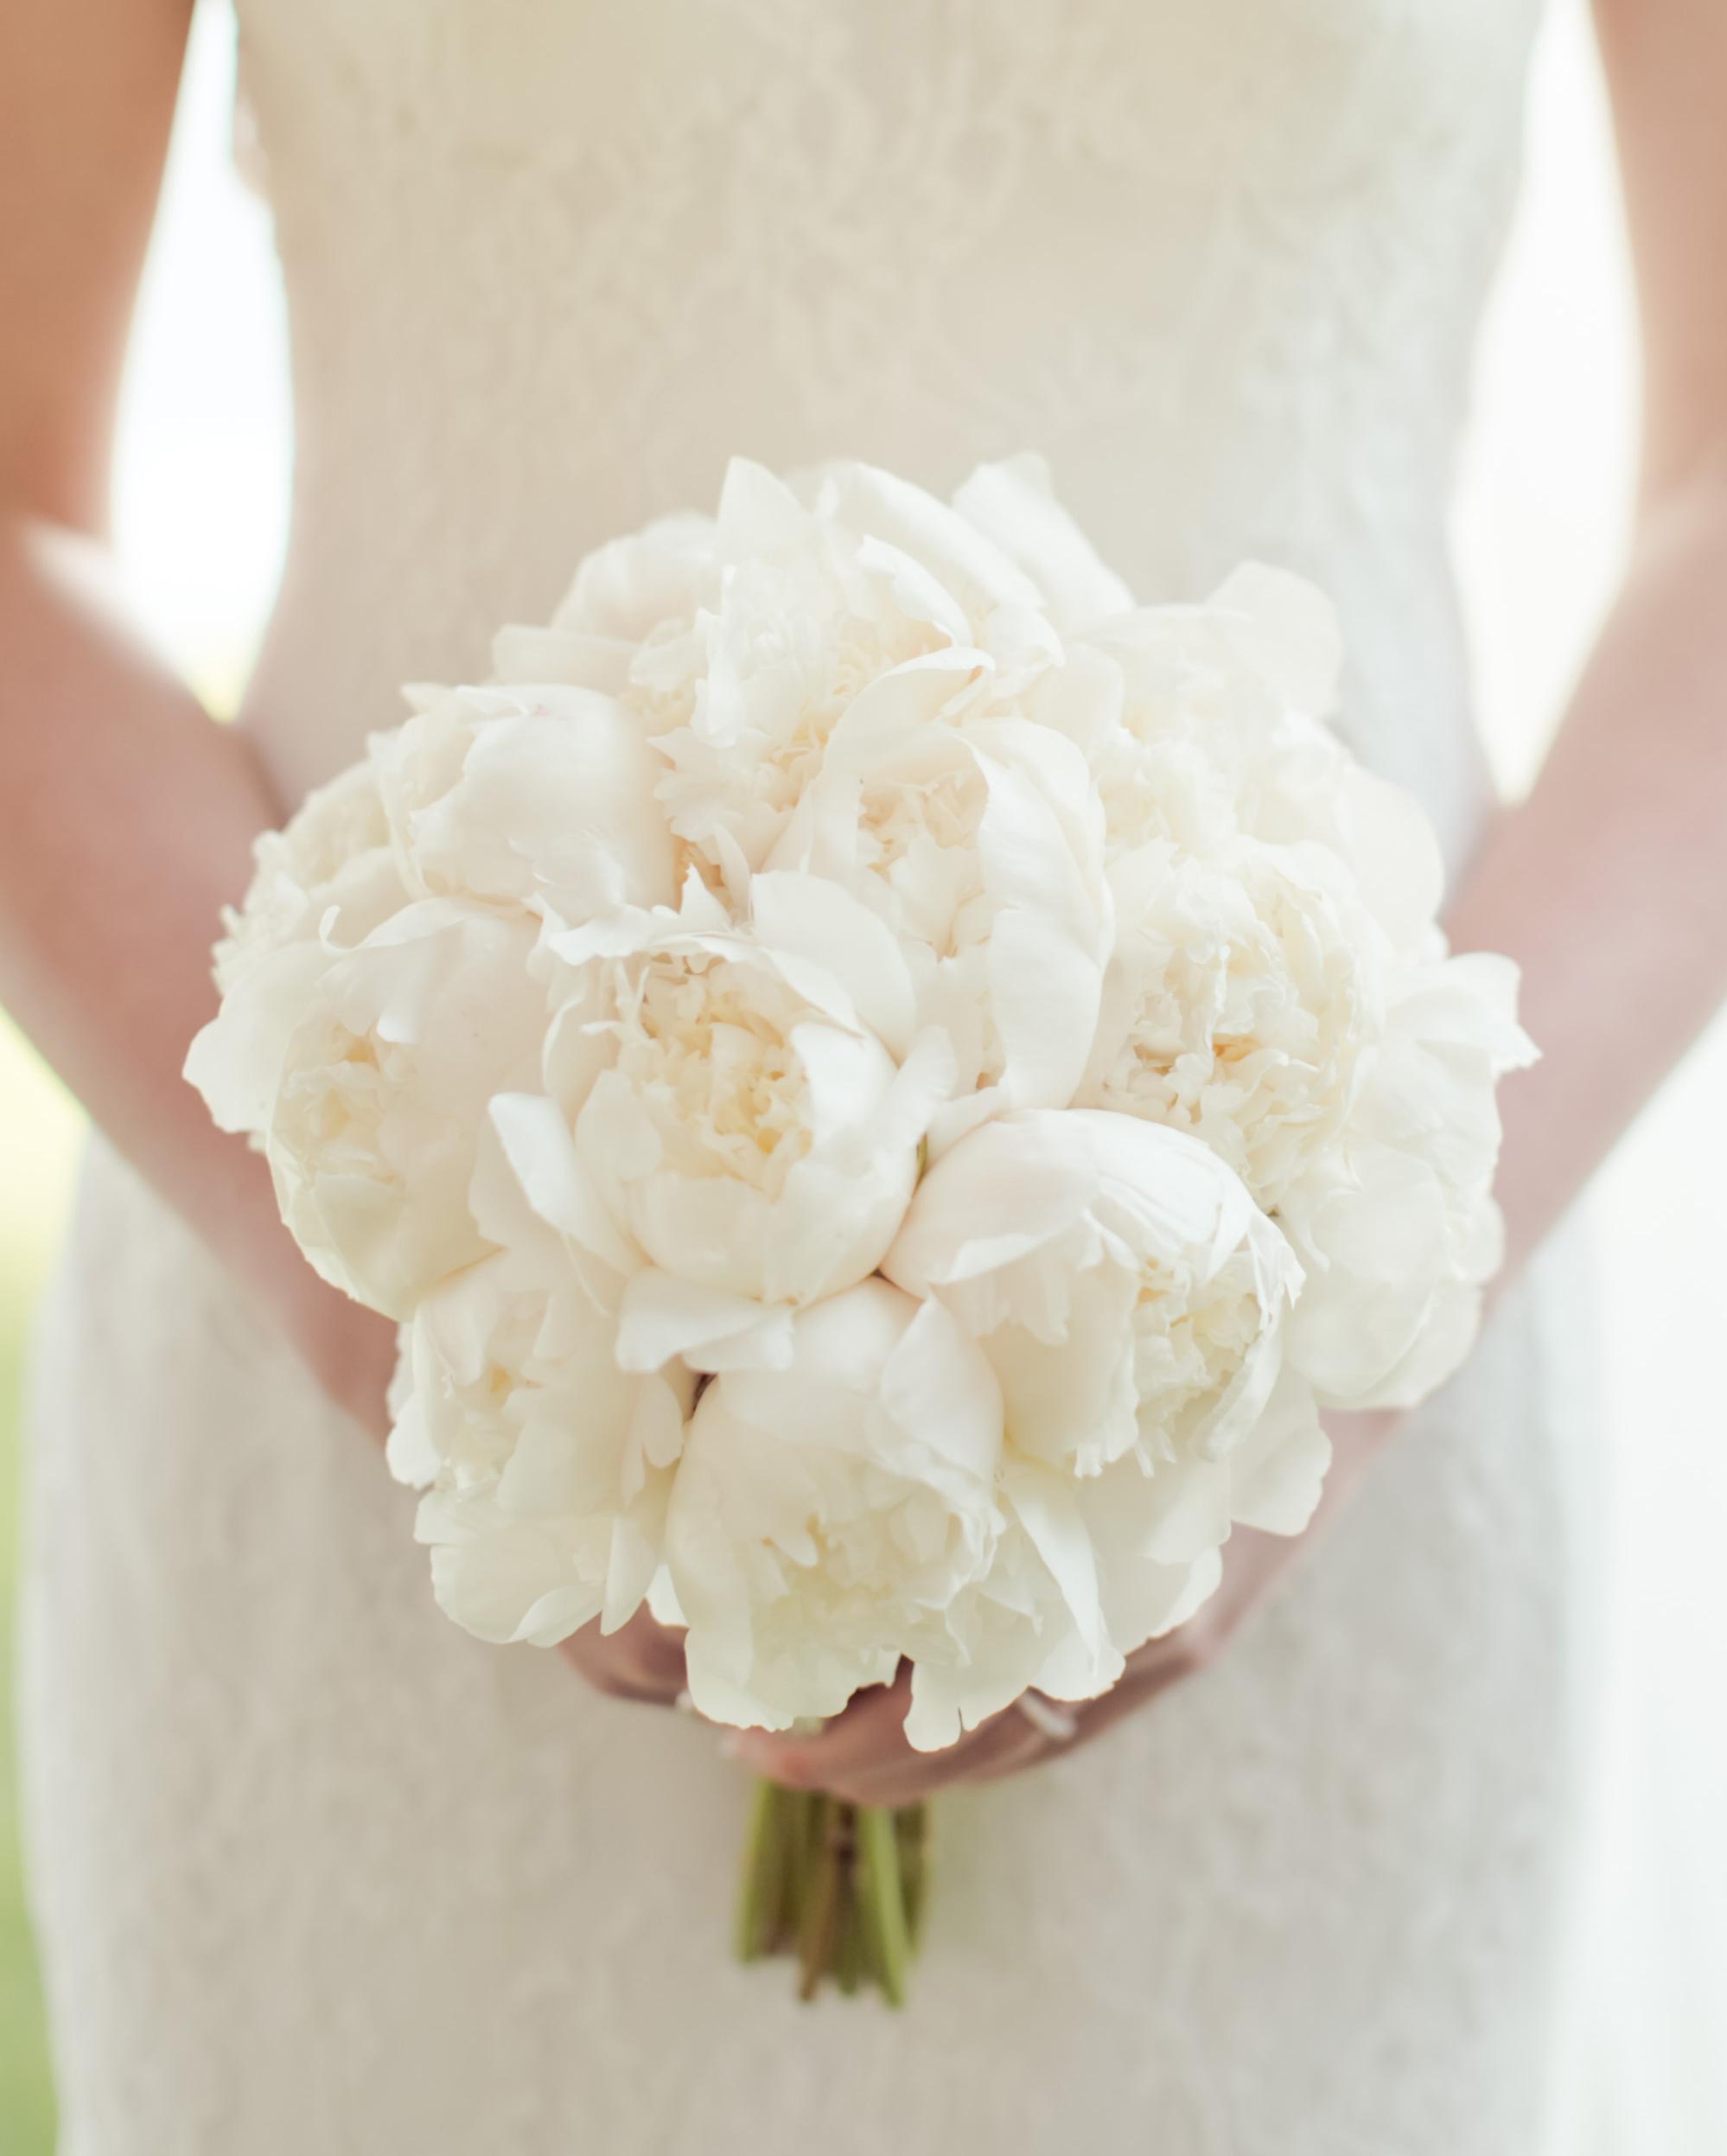 emma-michelle-wedding-bouquet-0807-s112079-0715.jpg